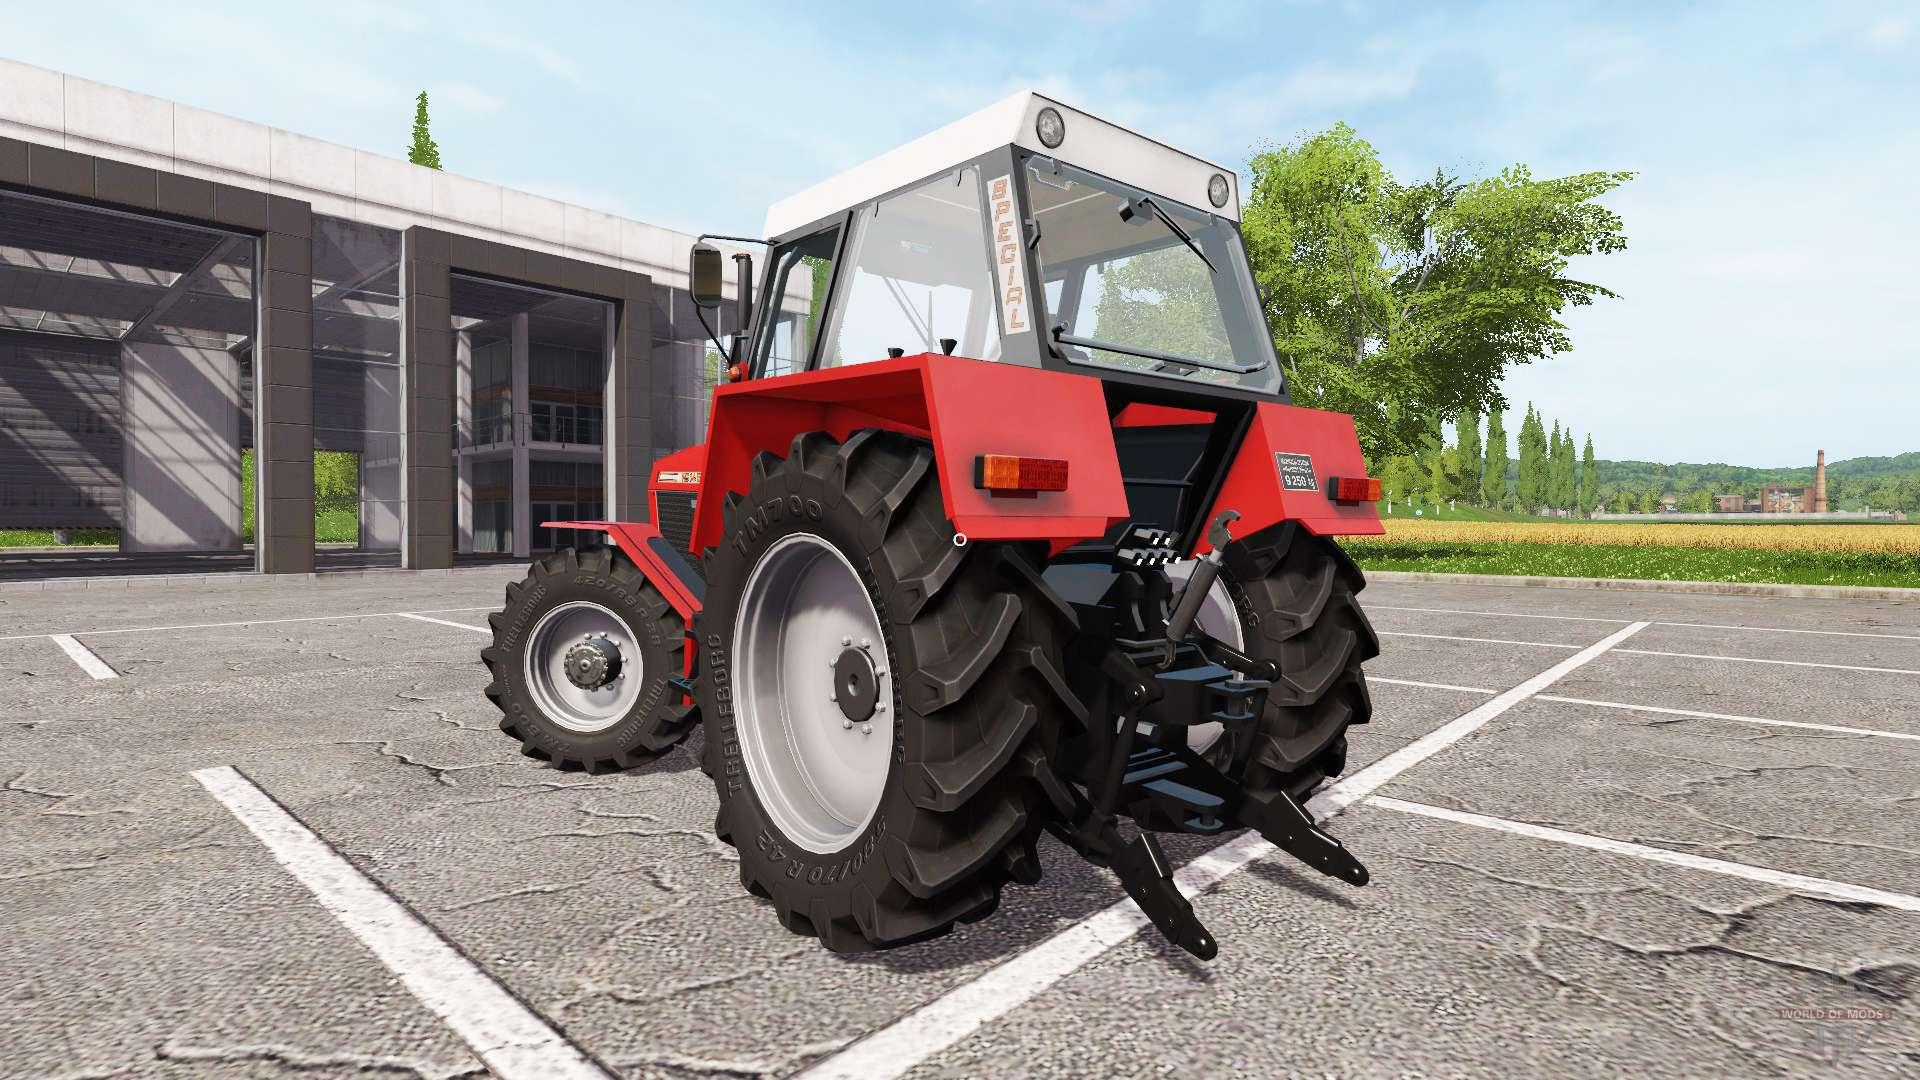 Скорость трактора  Беларус  МТЗ-80, мощность 80 л.с.